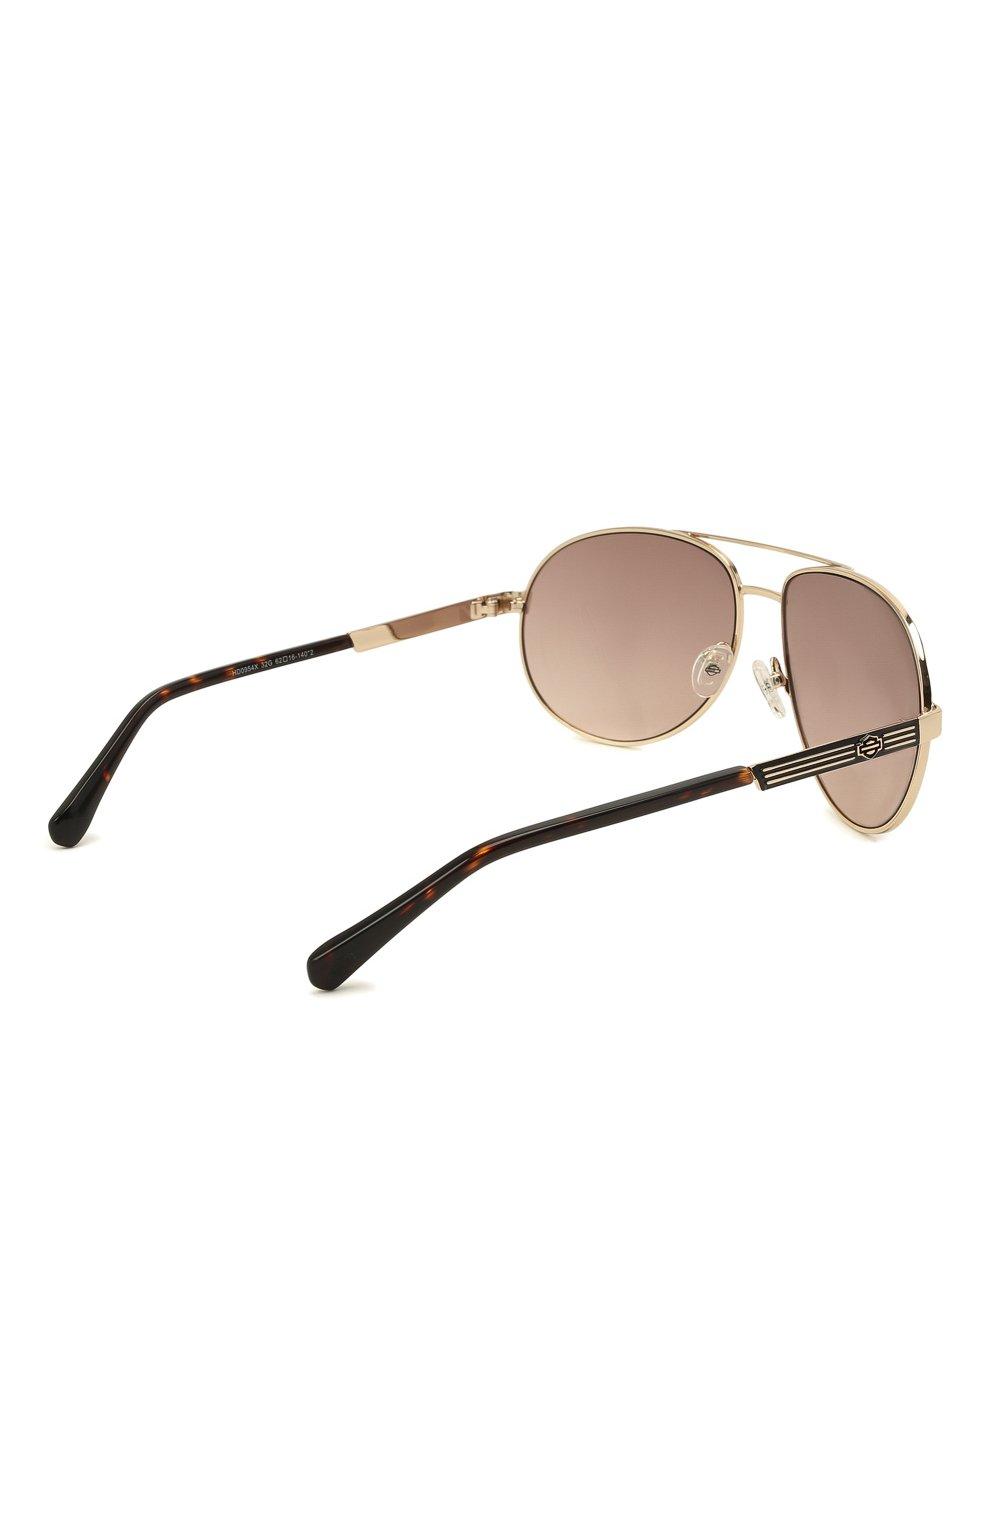 Мужские солнцезащитные очки HARLEY-DAVIDSON коричневого цвета, арт. HD 0954X 32G   Фото 4 (Тип очков: С/з; Очки форма: Авиаторы; Оптика Гендер: оптика-мужское)